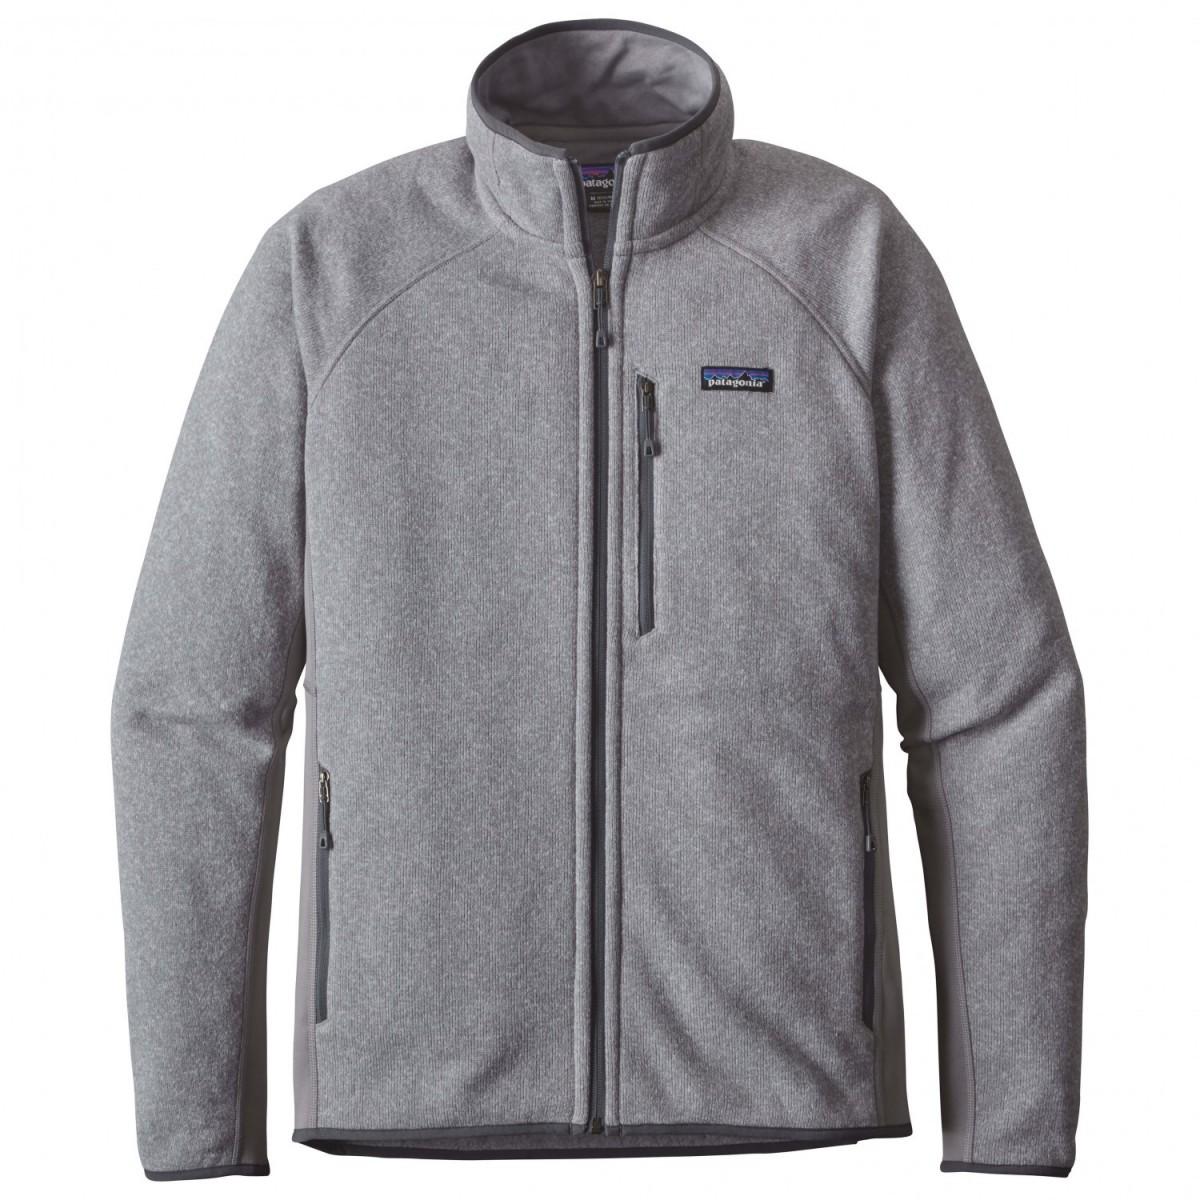 パタゴニア Performance Better Sweater Jacket セーター ジャケット(Feather Grey)